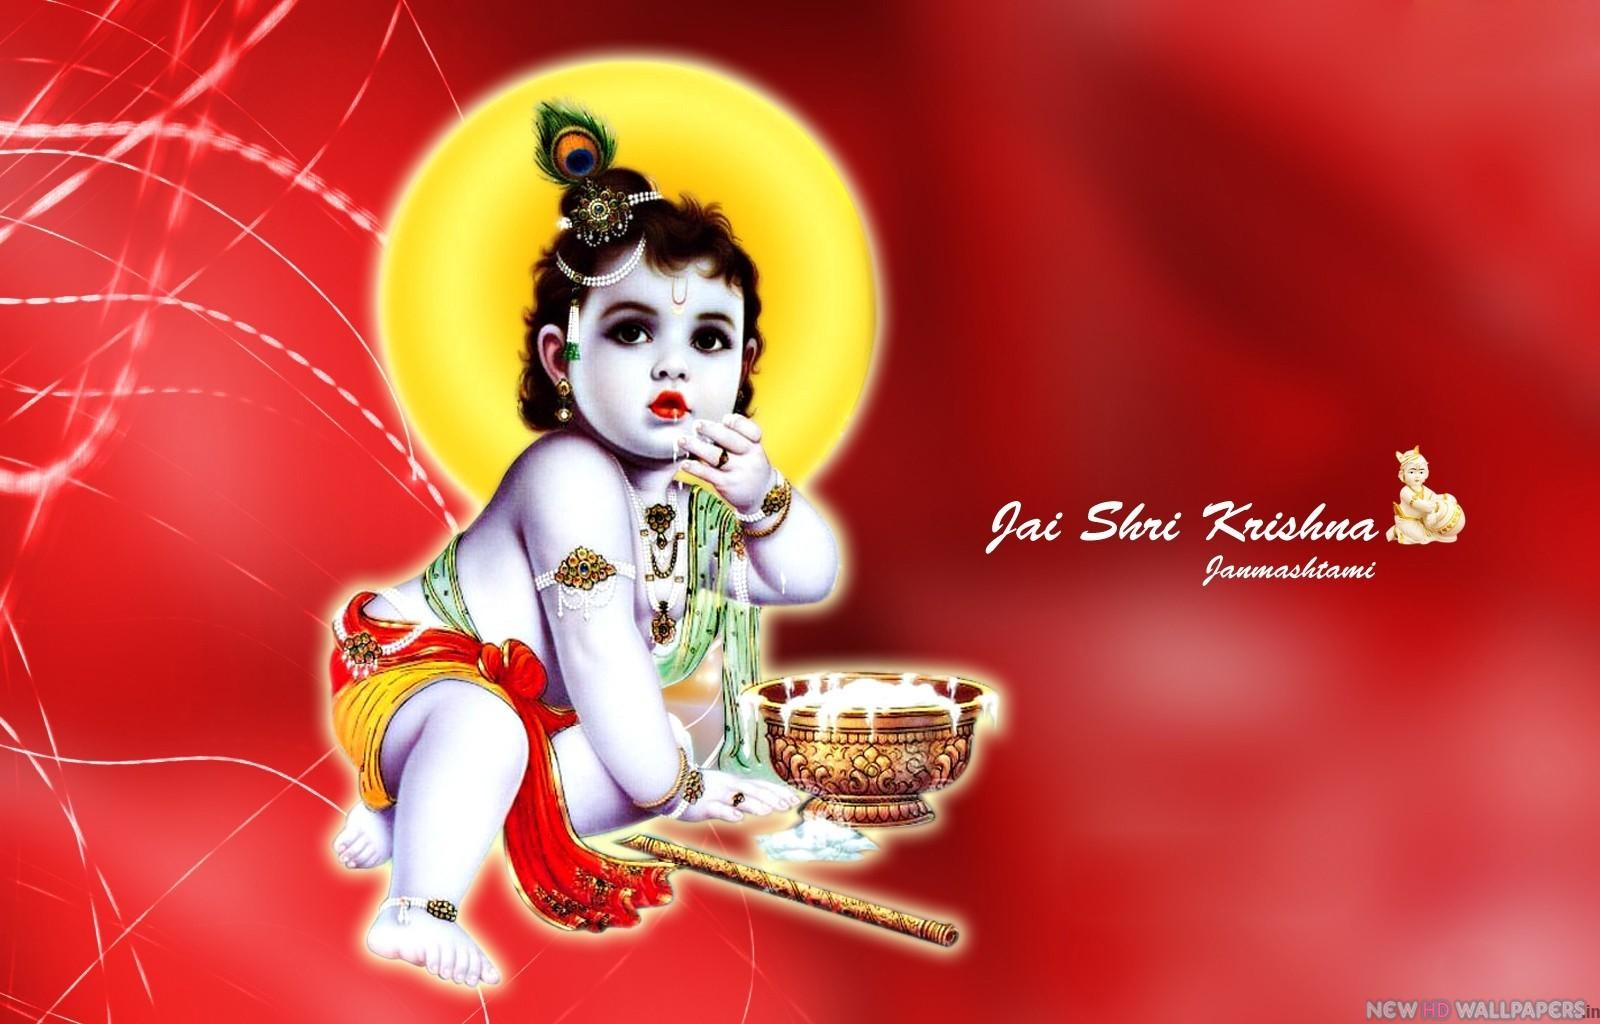 Shri Krishna Janmashtami Banner - HD Wallpaper